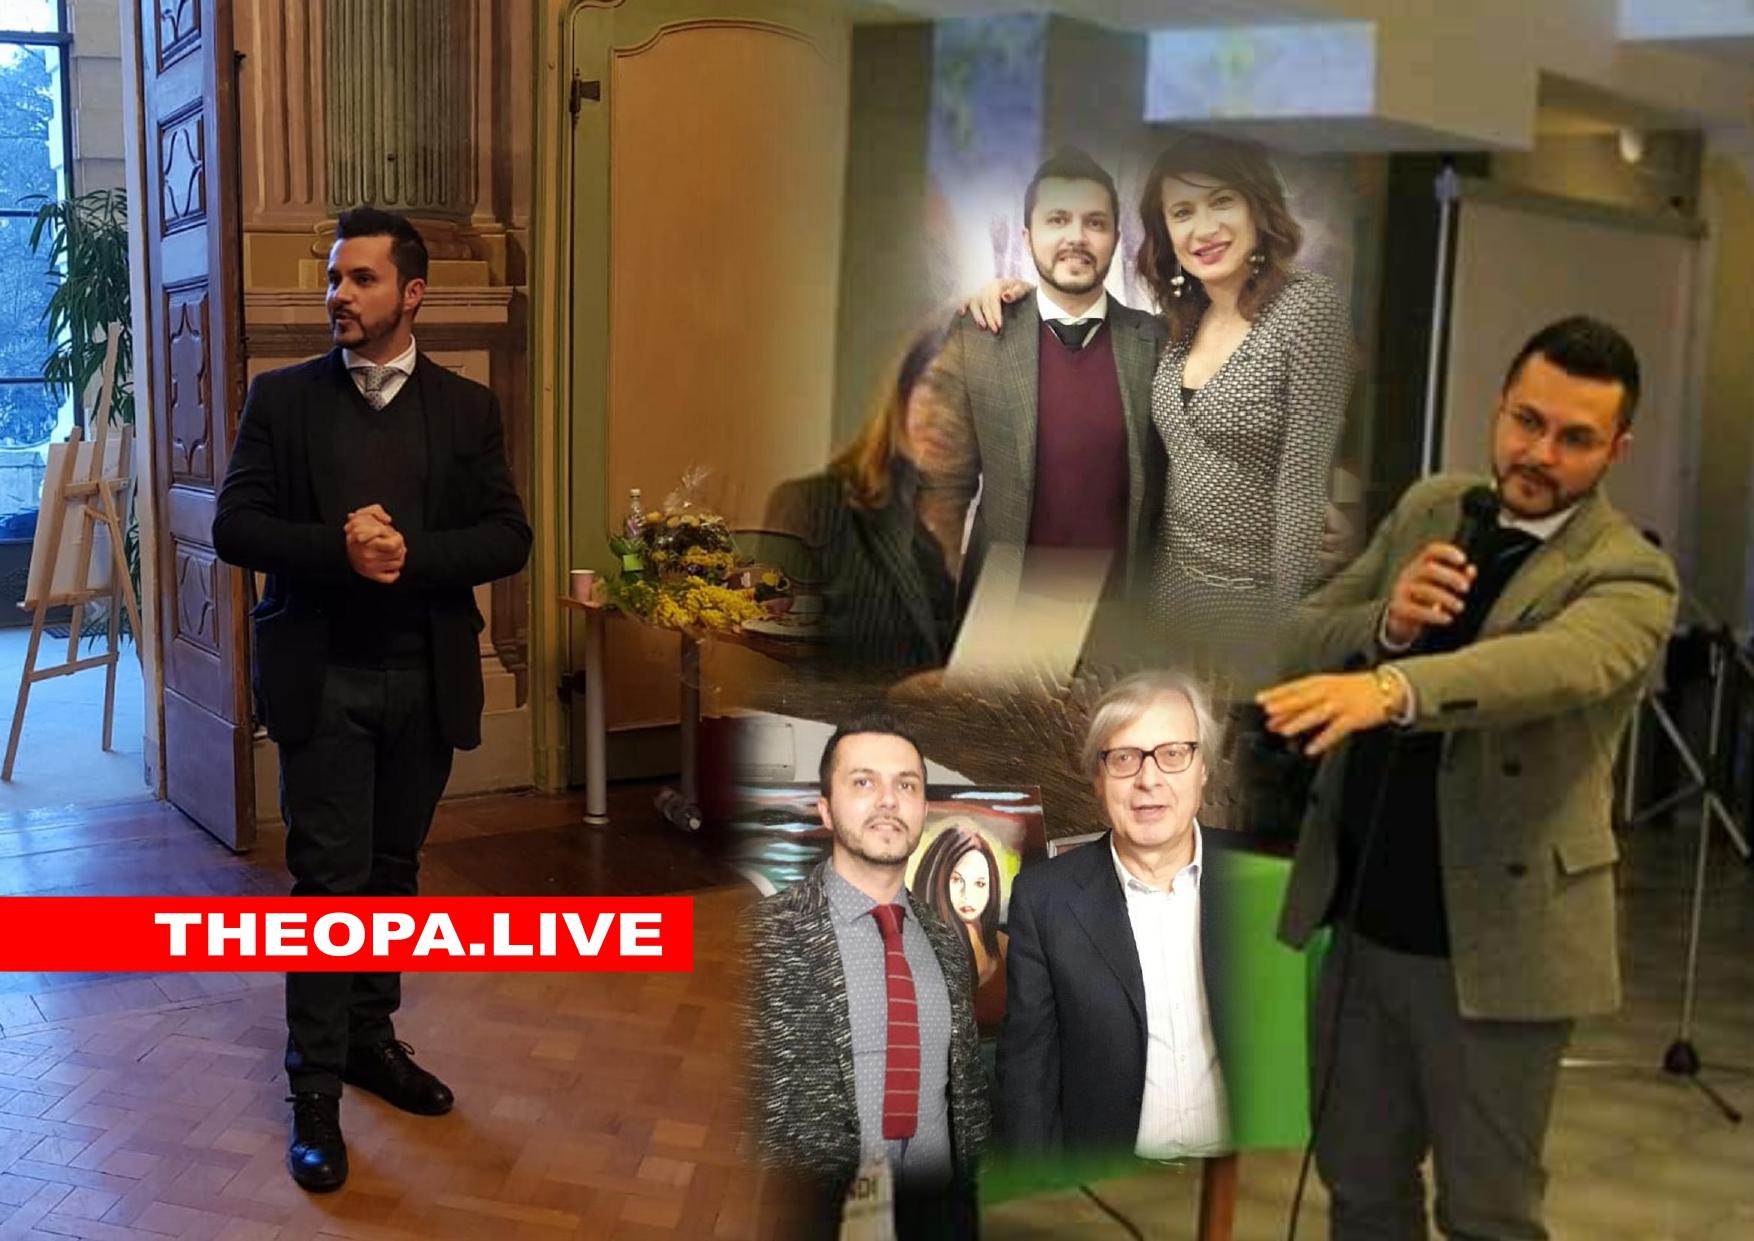 PASQUALE DI MATTEO THEOPA CRITICO D'ARTE